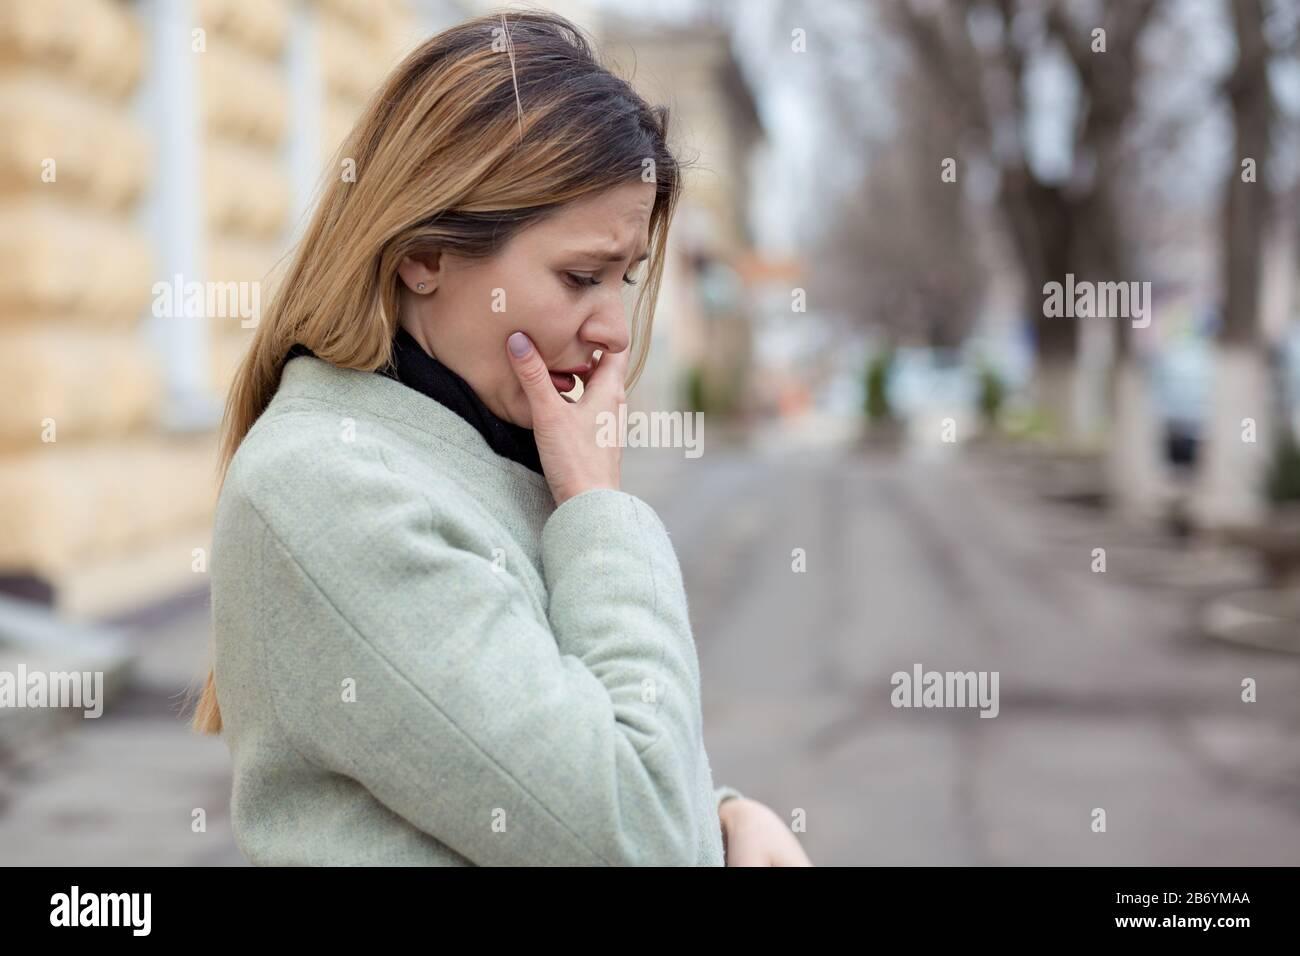 Depressive traurige Frau im Profil, die fast auf einer Straße in der Stadt in Europa weinte und nach unten schaute, weinte wegen ihres Verrats an ihrem Freund Stockfoto